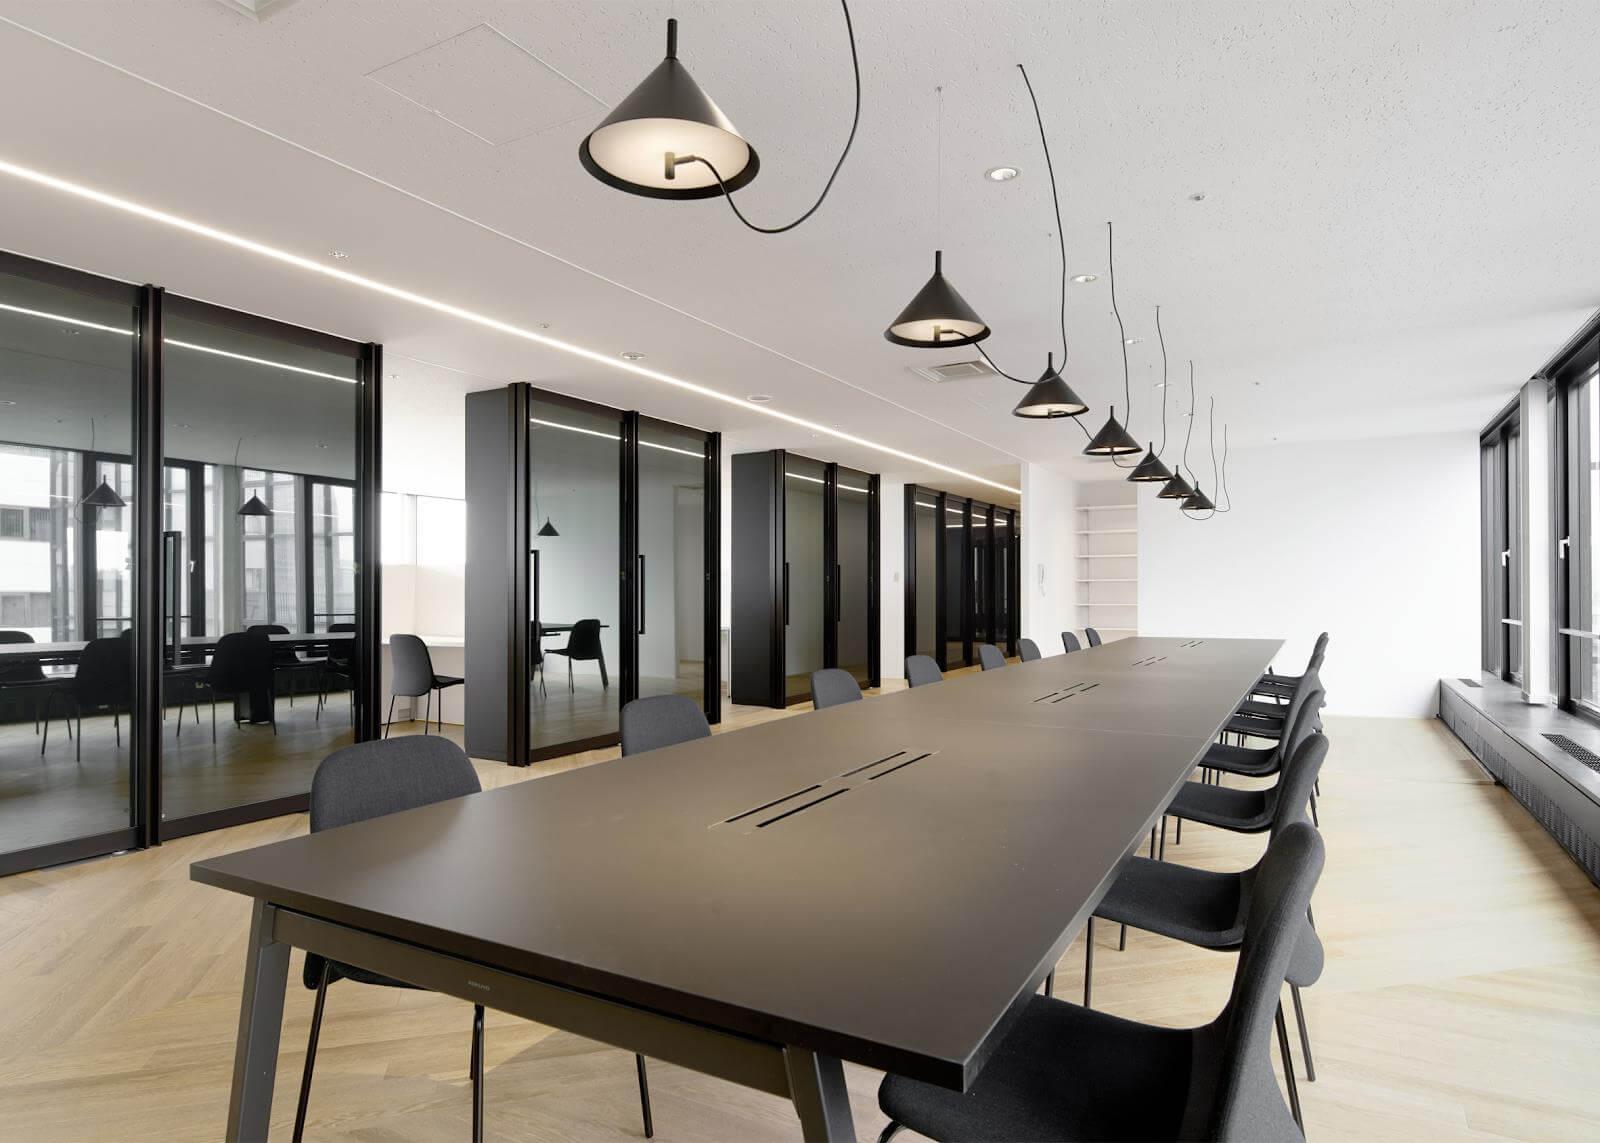 thiết kế phong cách minimalism trong nội thất